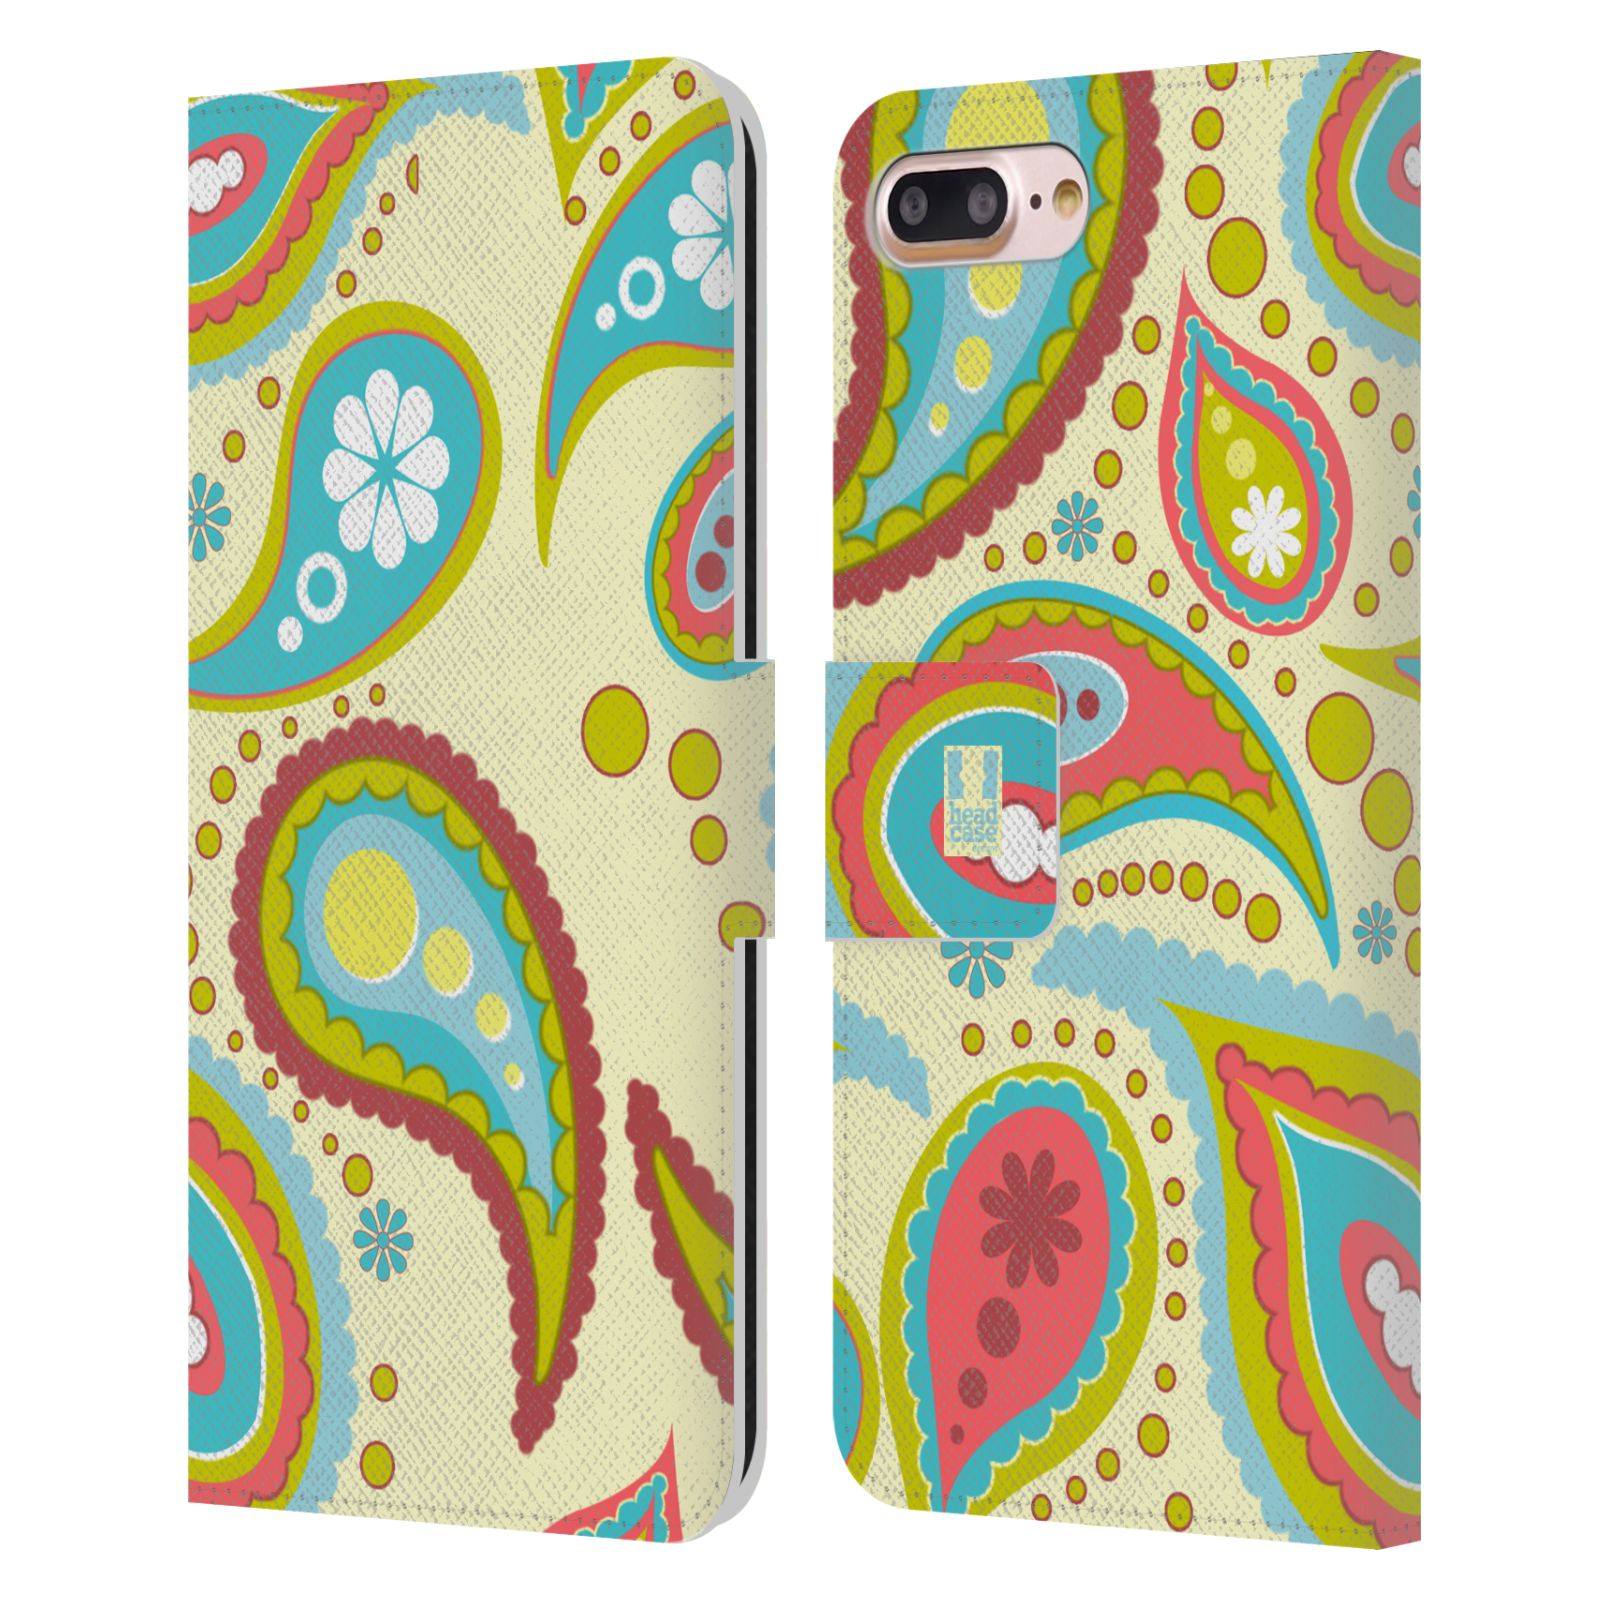 HEAD CASE Flipové pouzdro pro mobil Apple Iphone 7 PLUS / 8 PLUS barevné slzy krémová